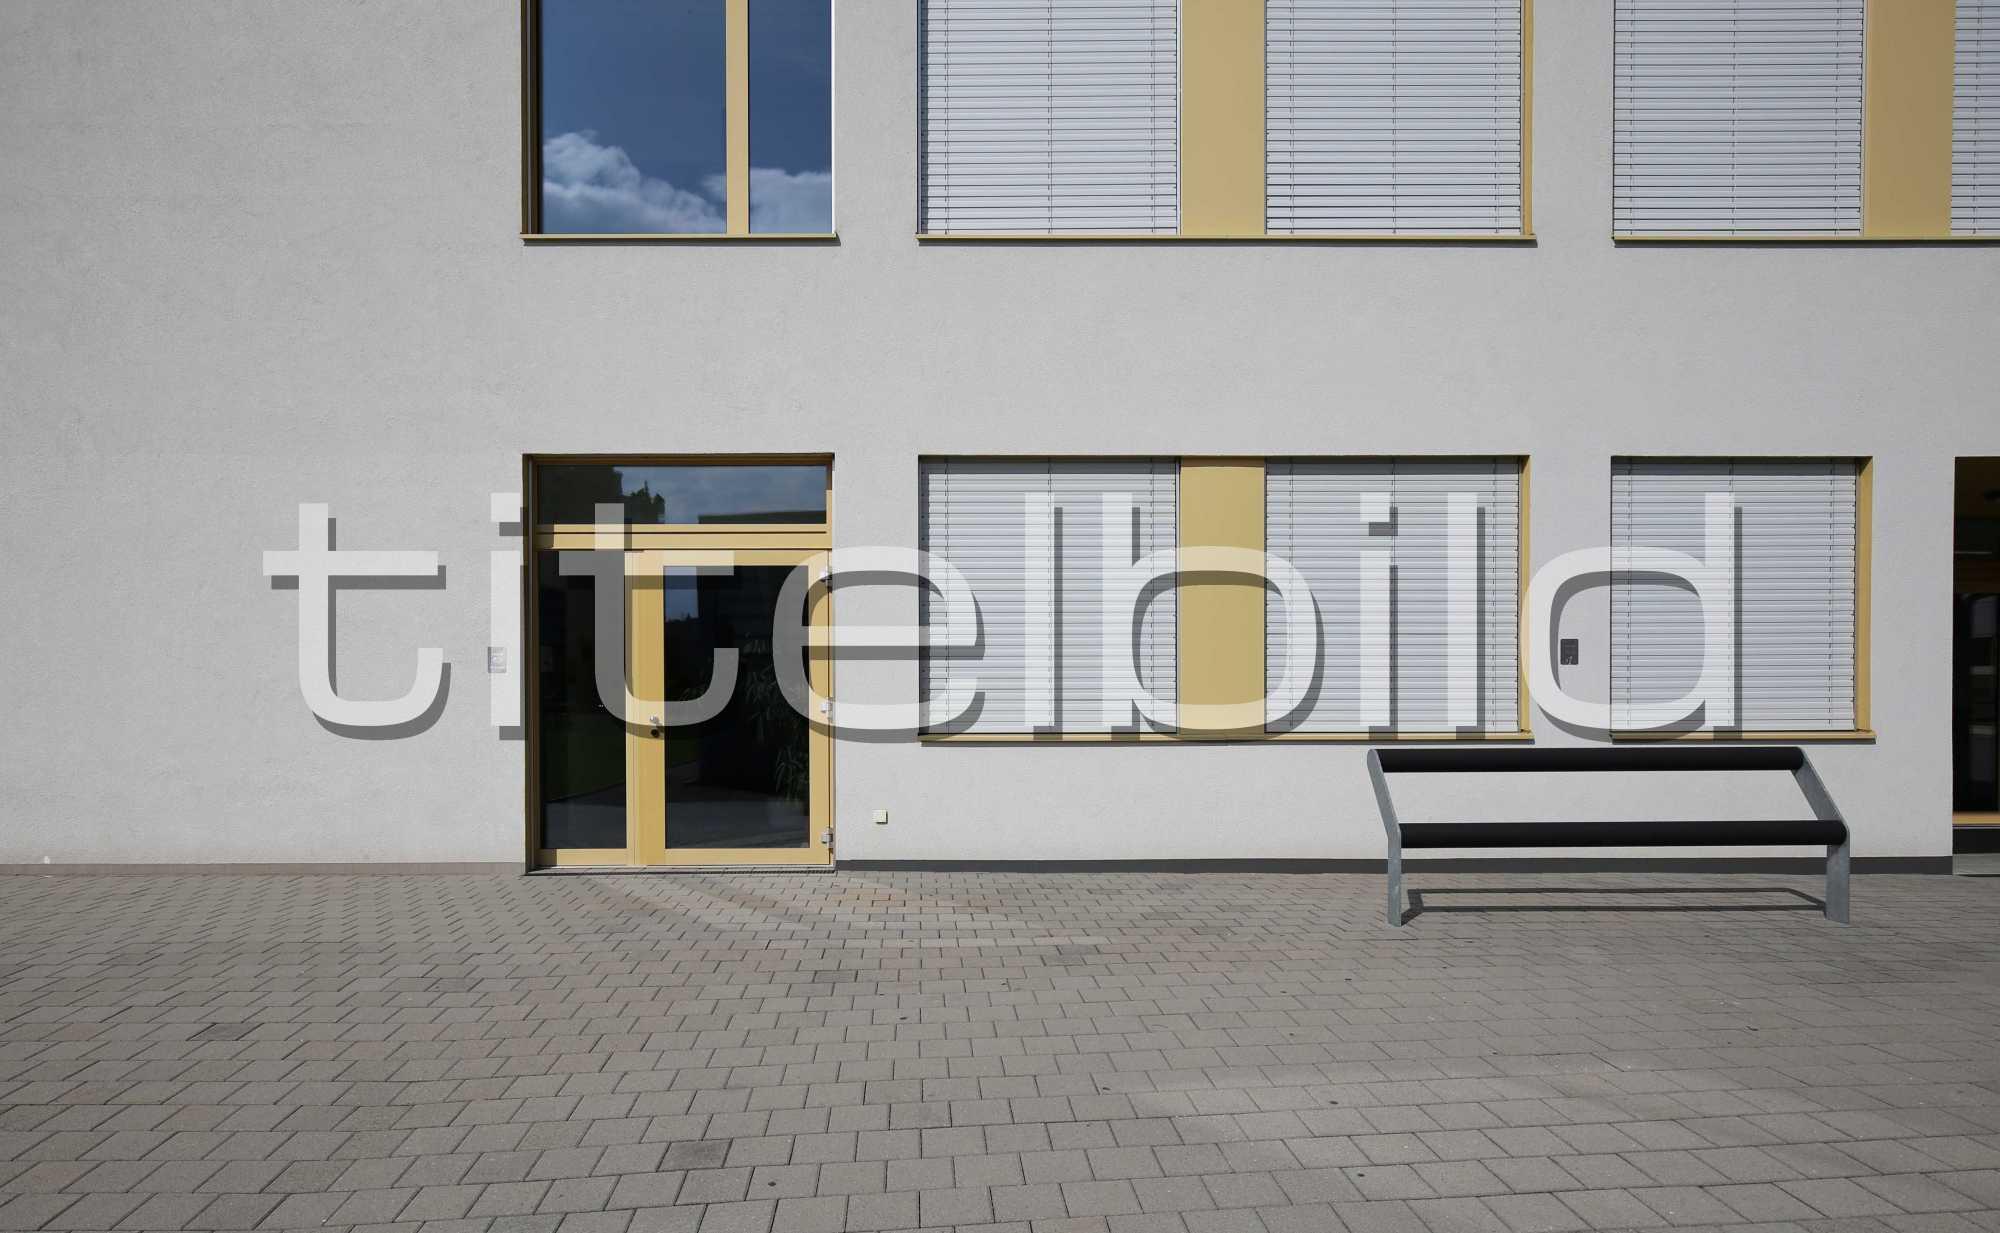 Projektbild-Nr. 4: Erweiterung und Umbau Schule Ruggenacher 2